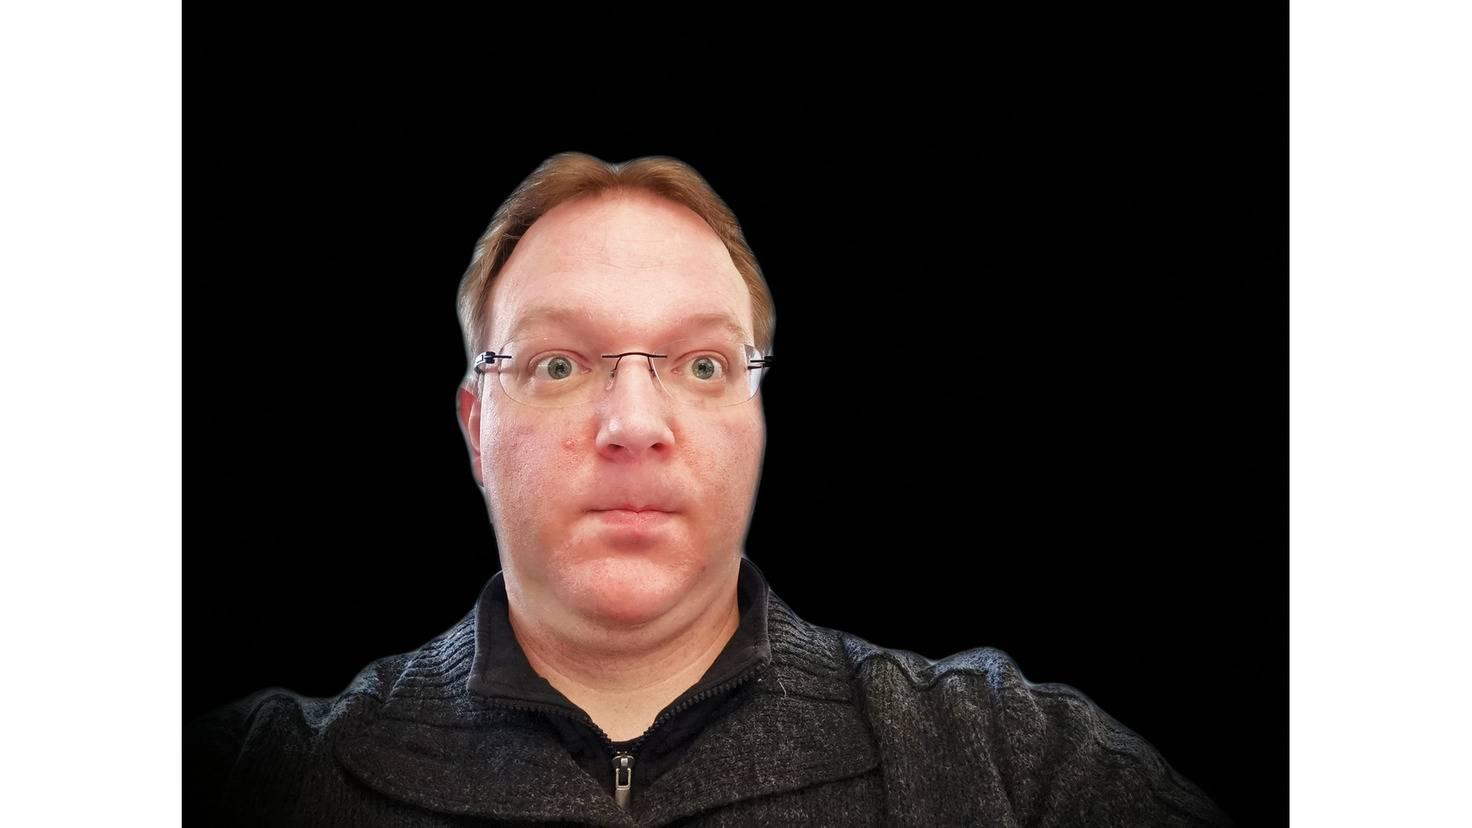 Da war ich baff: Dank 3D-Kamera wird das Motiv optimal vom Hintergrund getrennt.